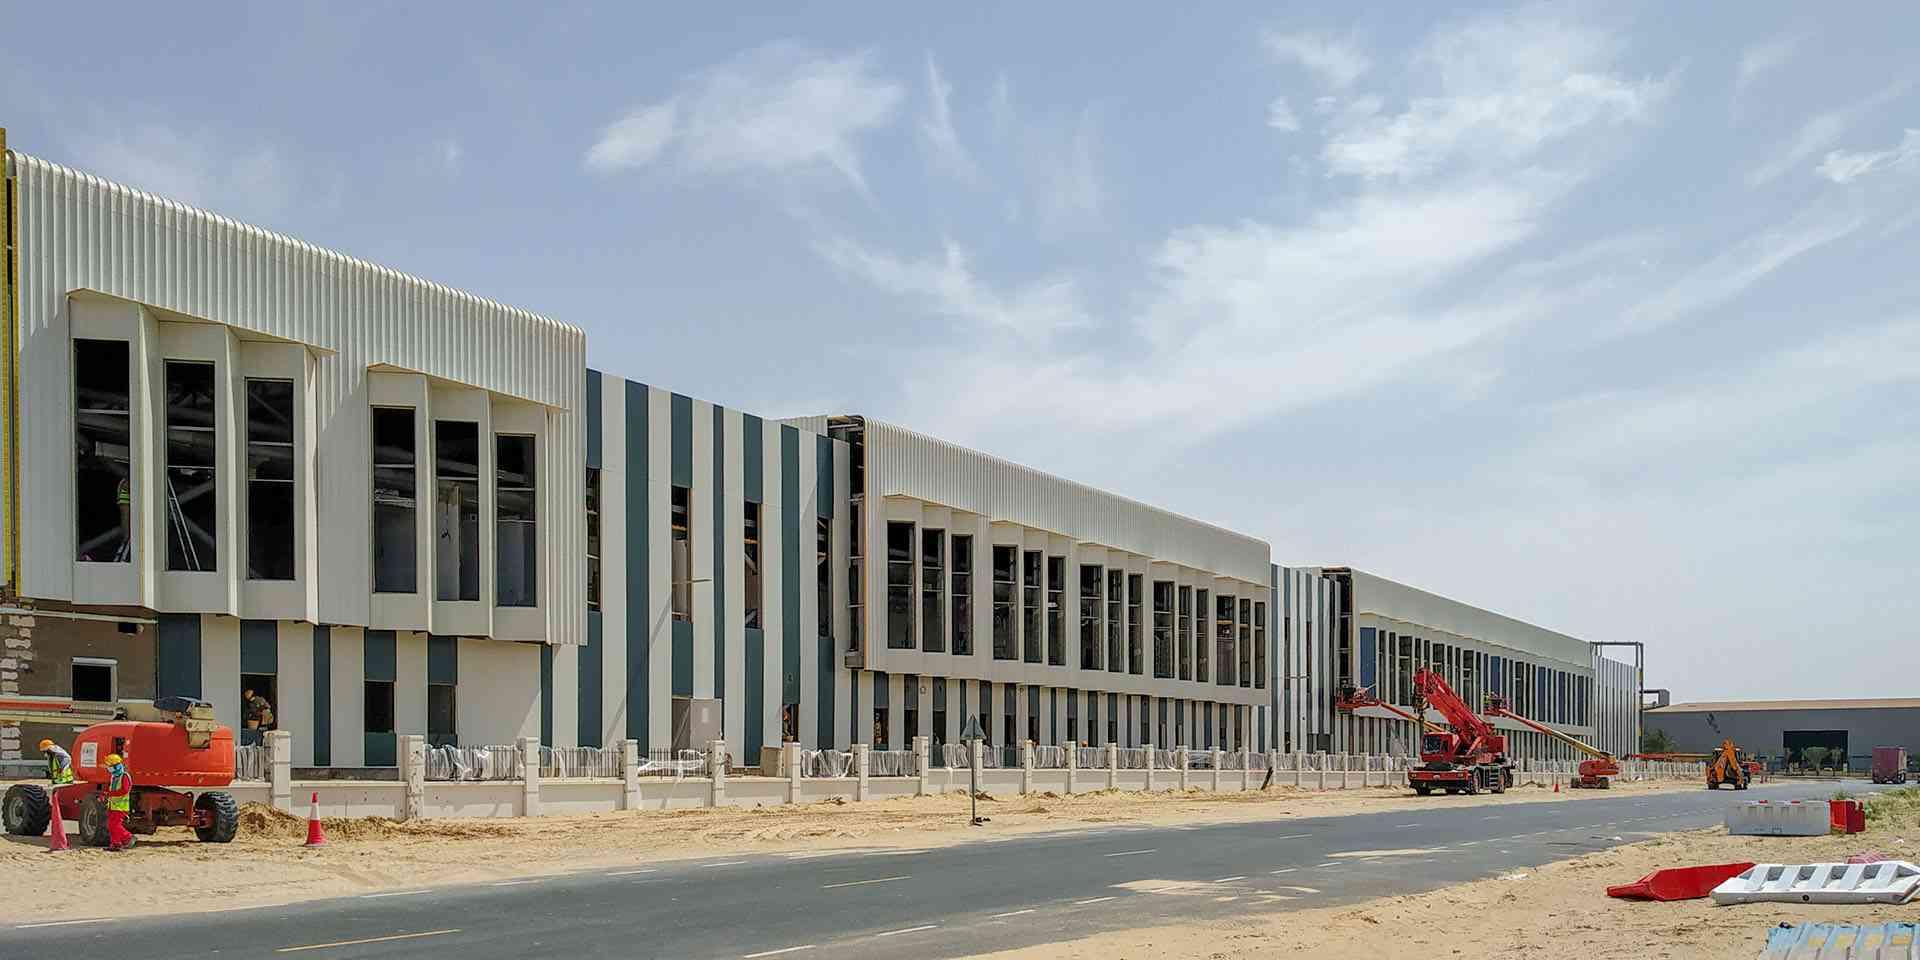 Fabrication Workshop & Offices for Galadari Engineering Workshop